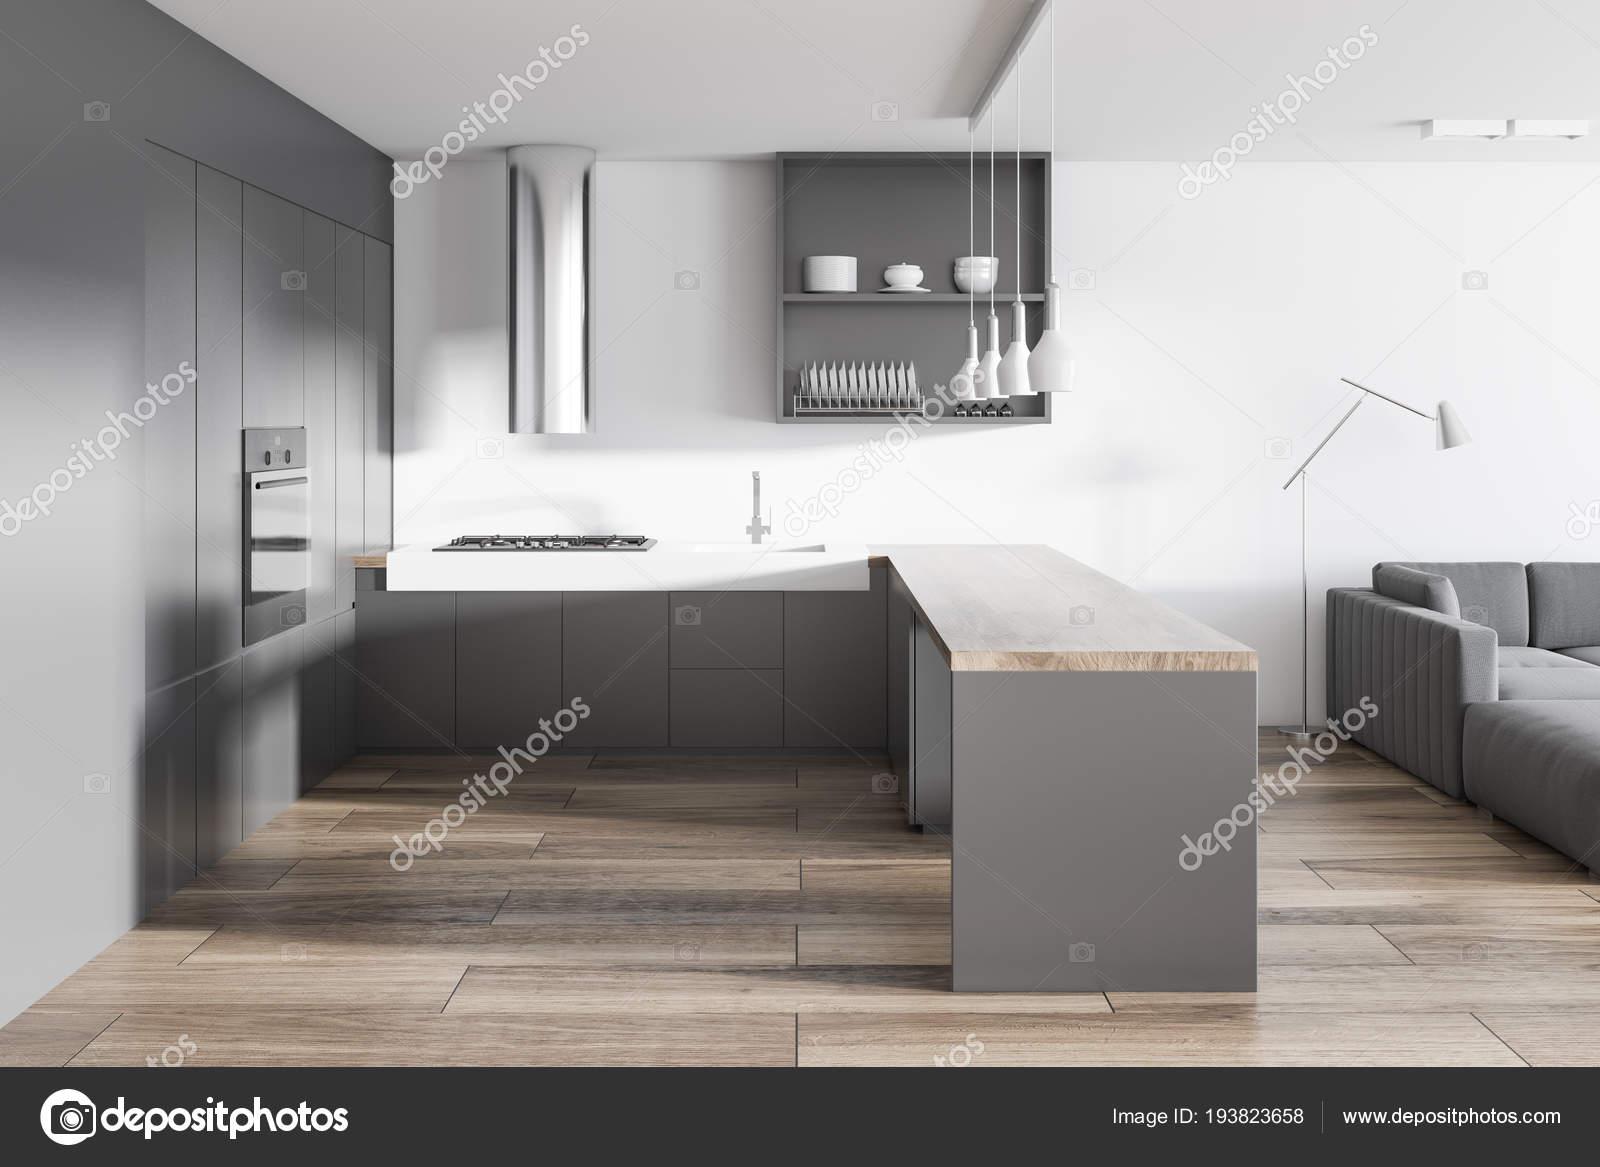 Cucina Bianca Grigia Interiore Del Salone Con Pavimento Legno ...